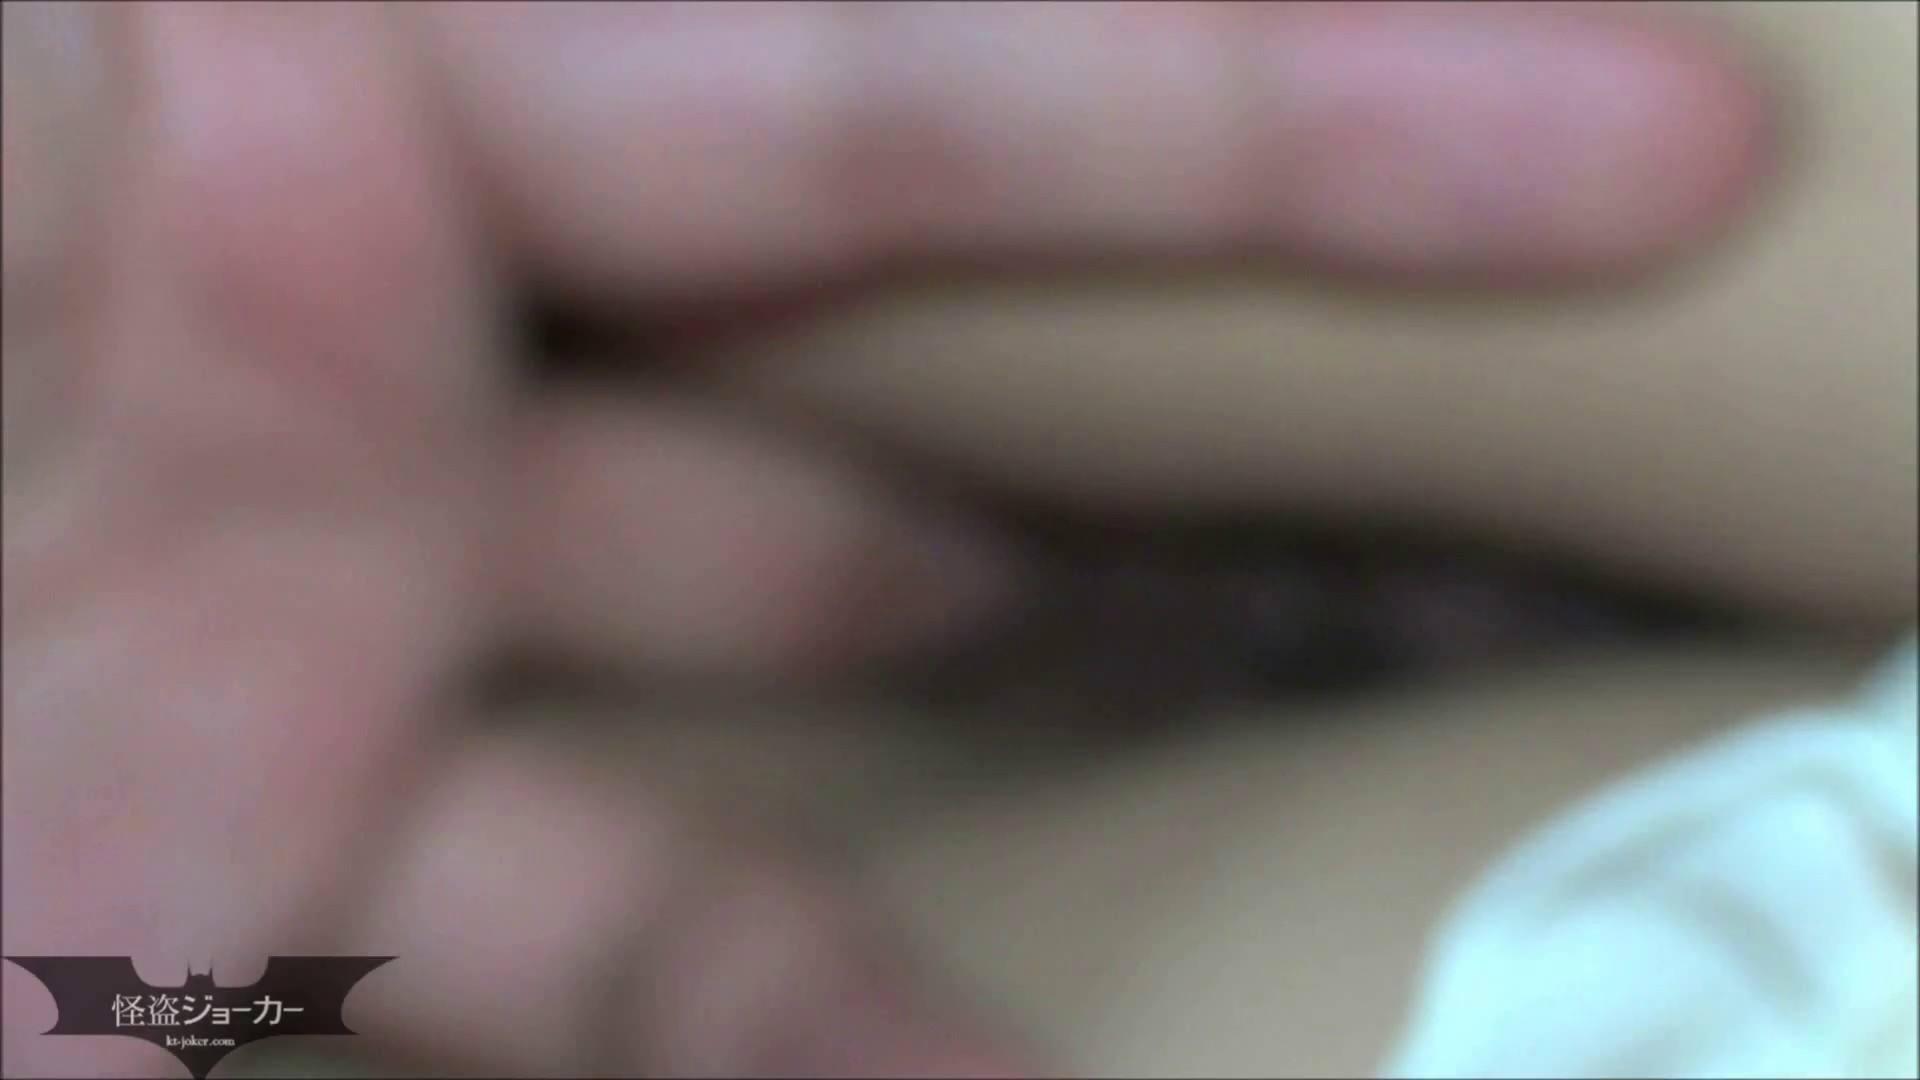 【未公開】vol.102 {雛形さん似の保育園の先生}アキコちゃん② いじくり おめこ無修正画像 88画像 70